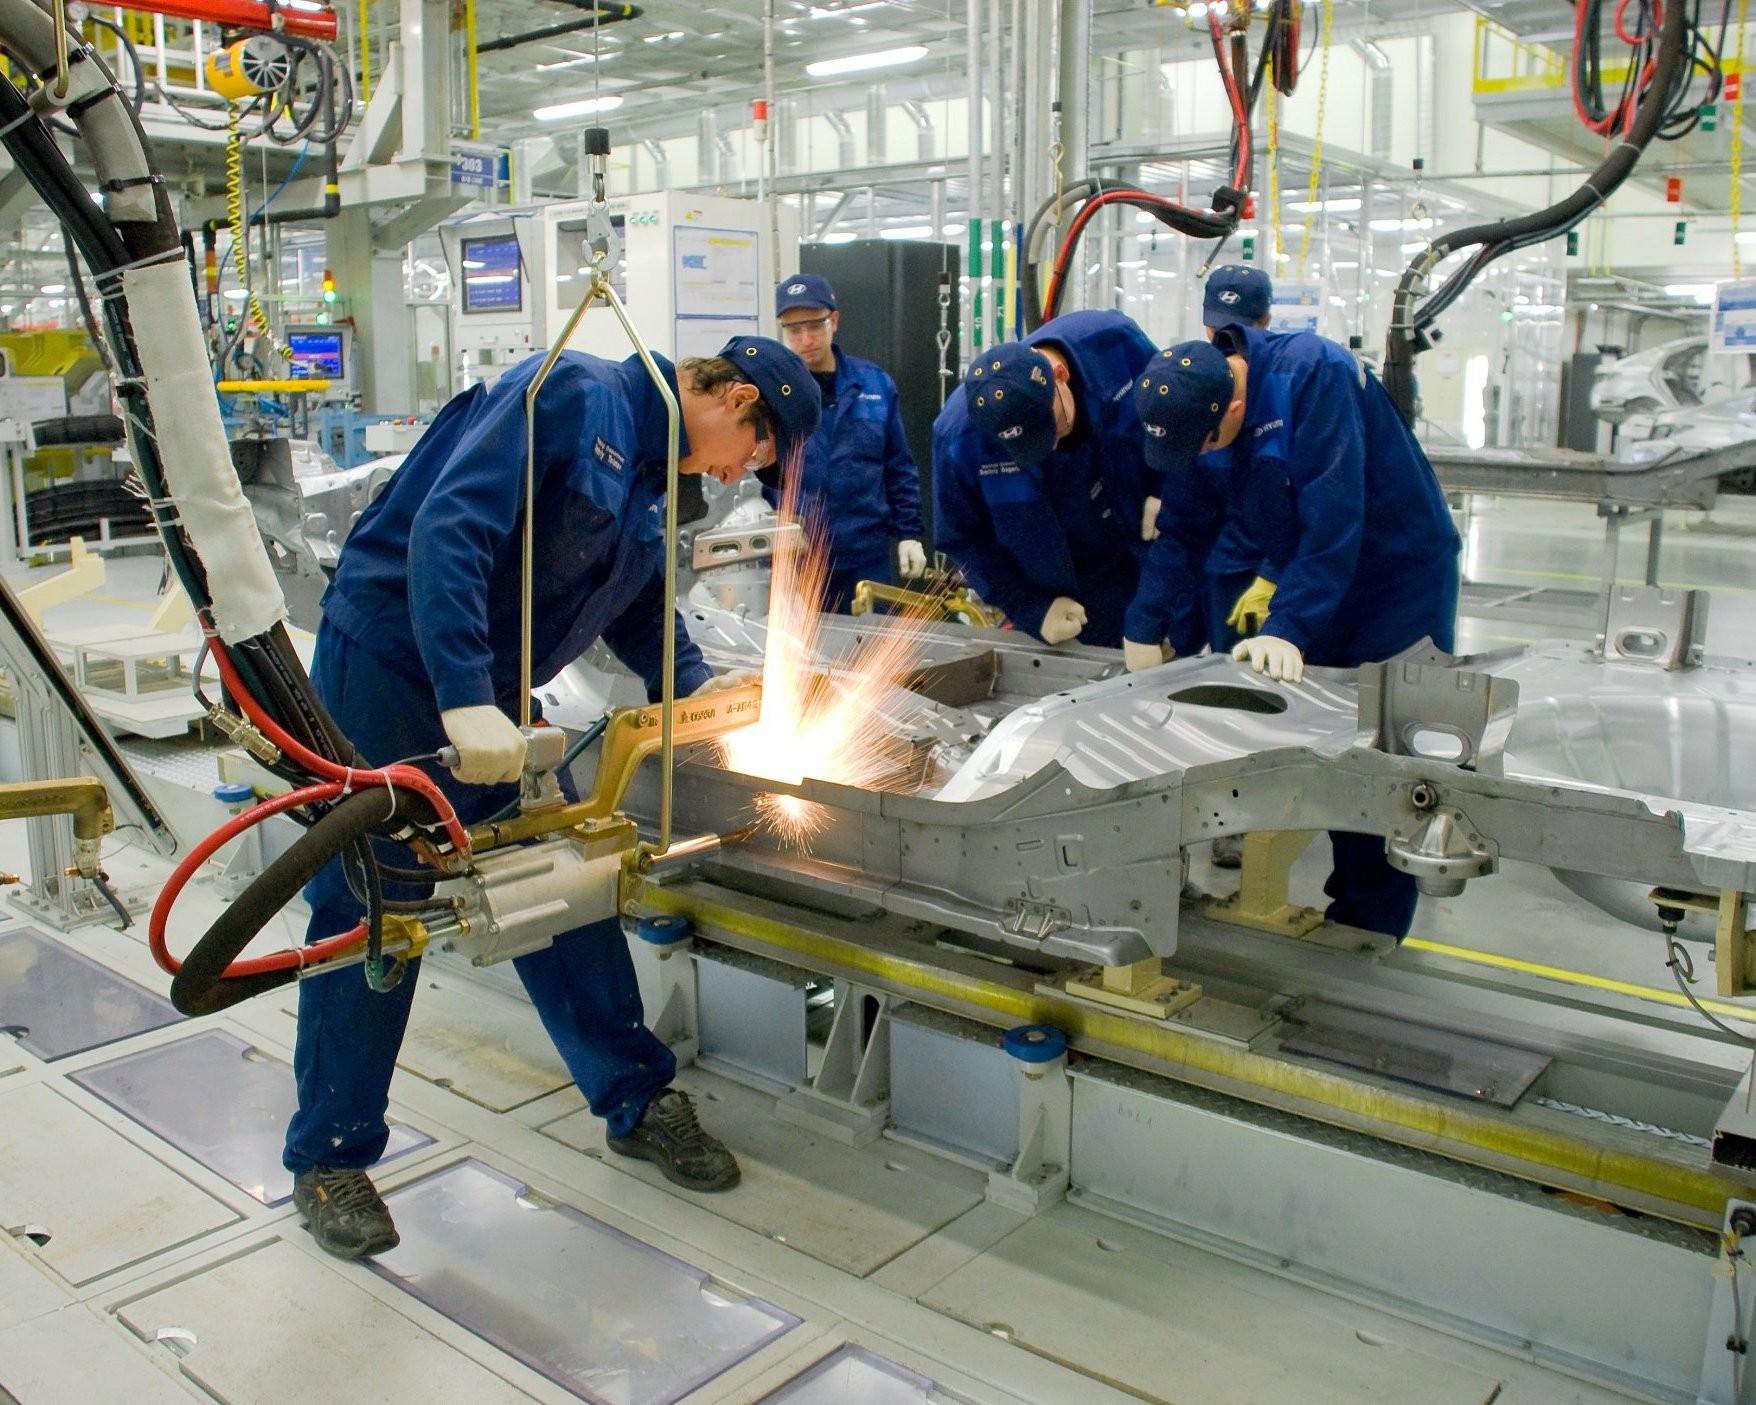 Саратовскую промышленность нужно «снять с капельницы»: глава СЭЗ им. Орджоникидзе о госсубсидиях, доступе на рынок и перспективах